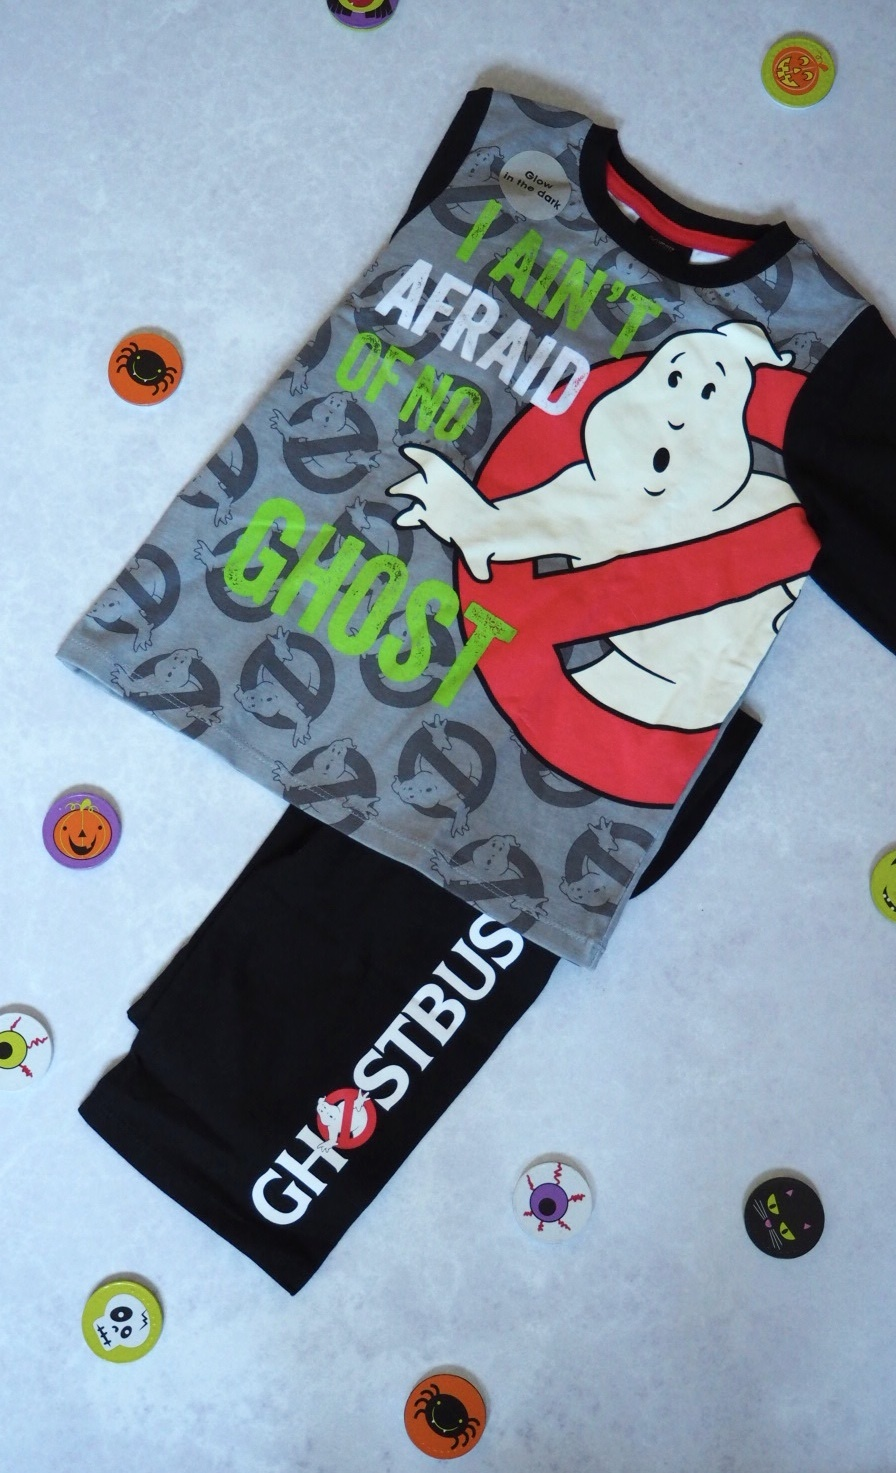 Ghostbuster Pyjamas